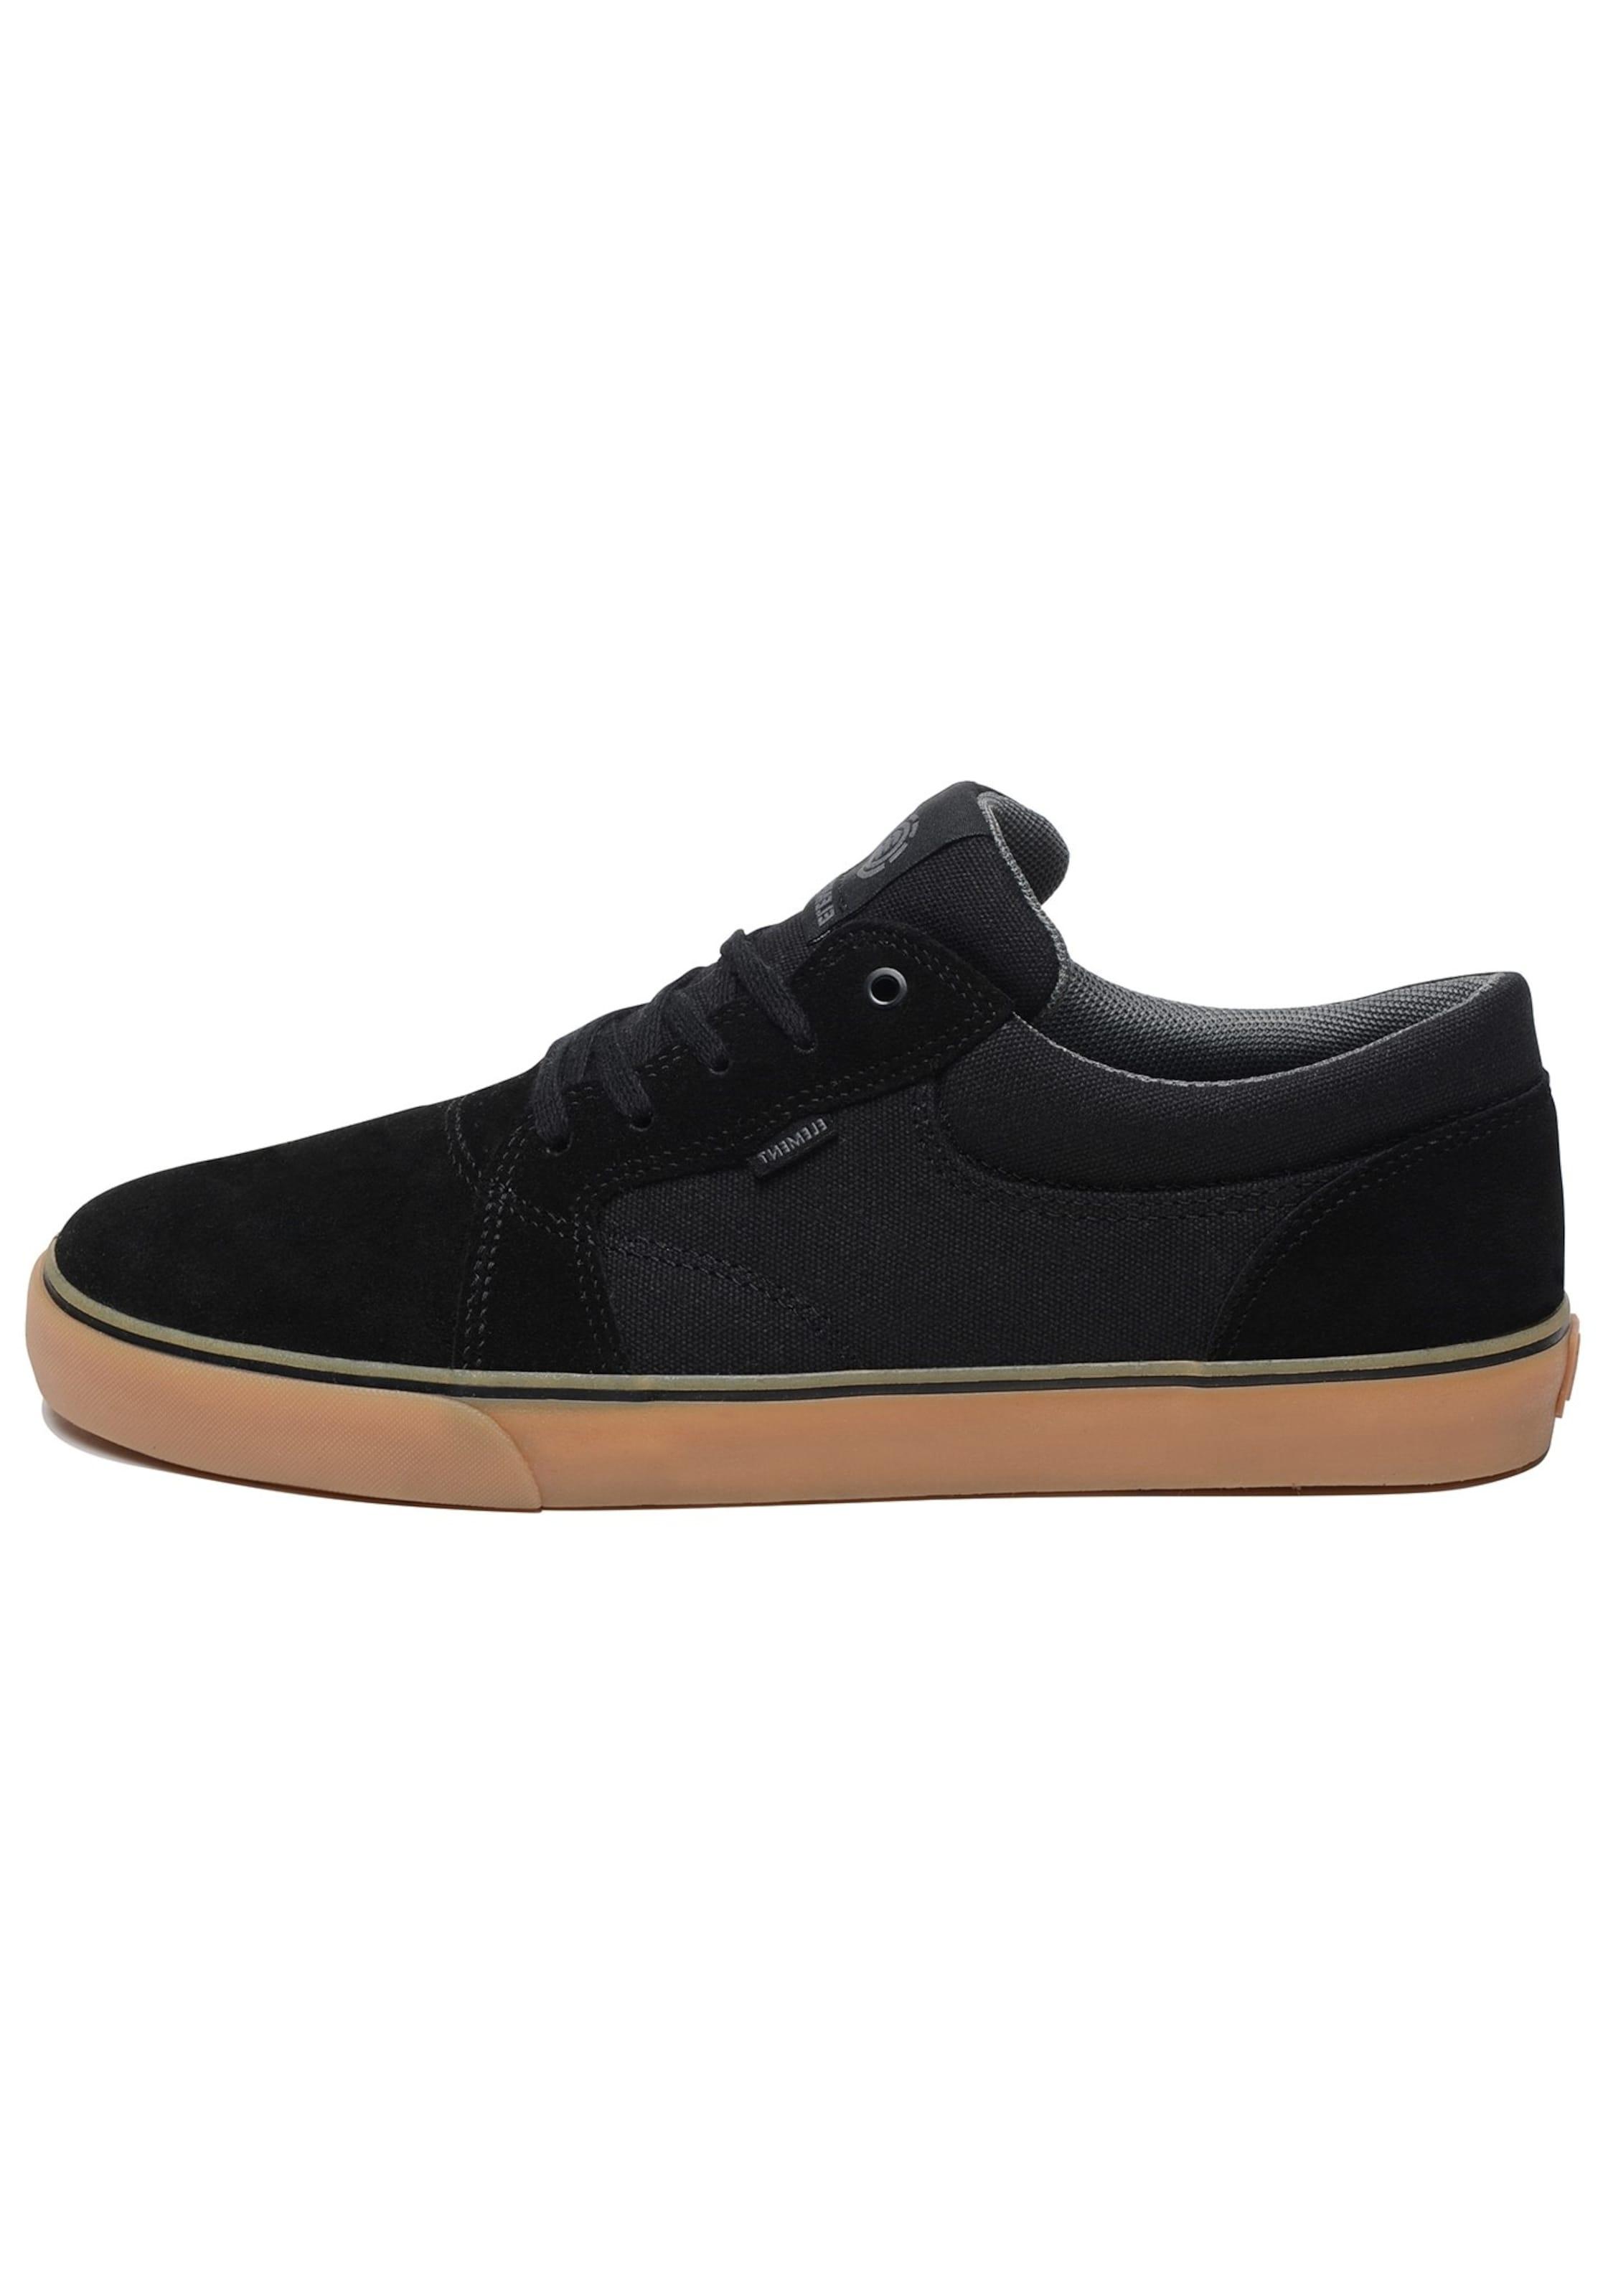 ELEMENT Wasso Sneaker Verschleißfeste billige Schuhe